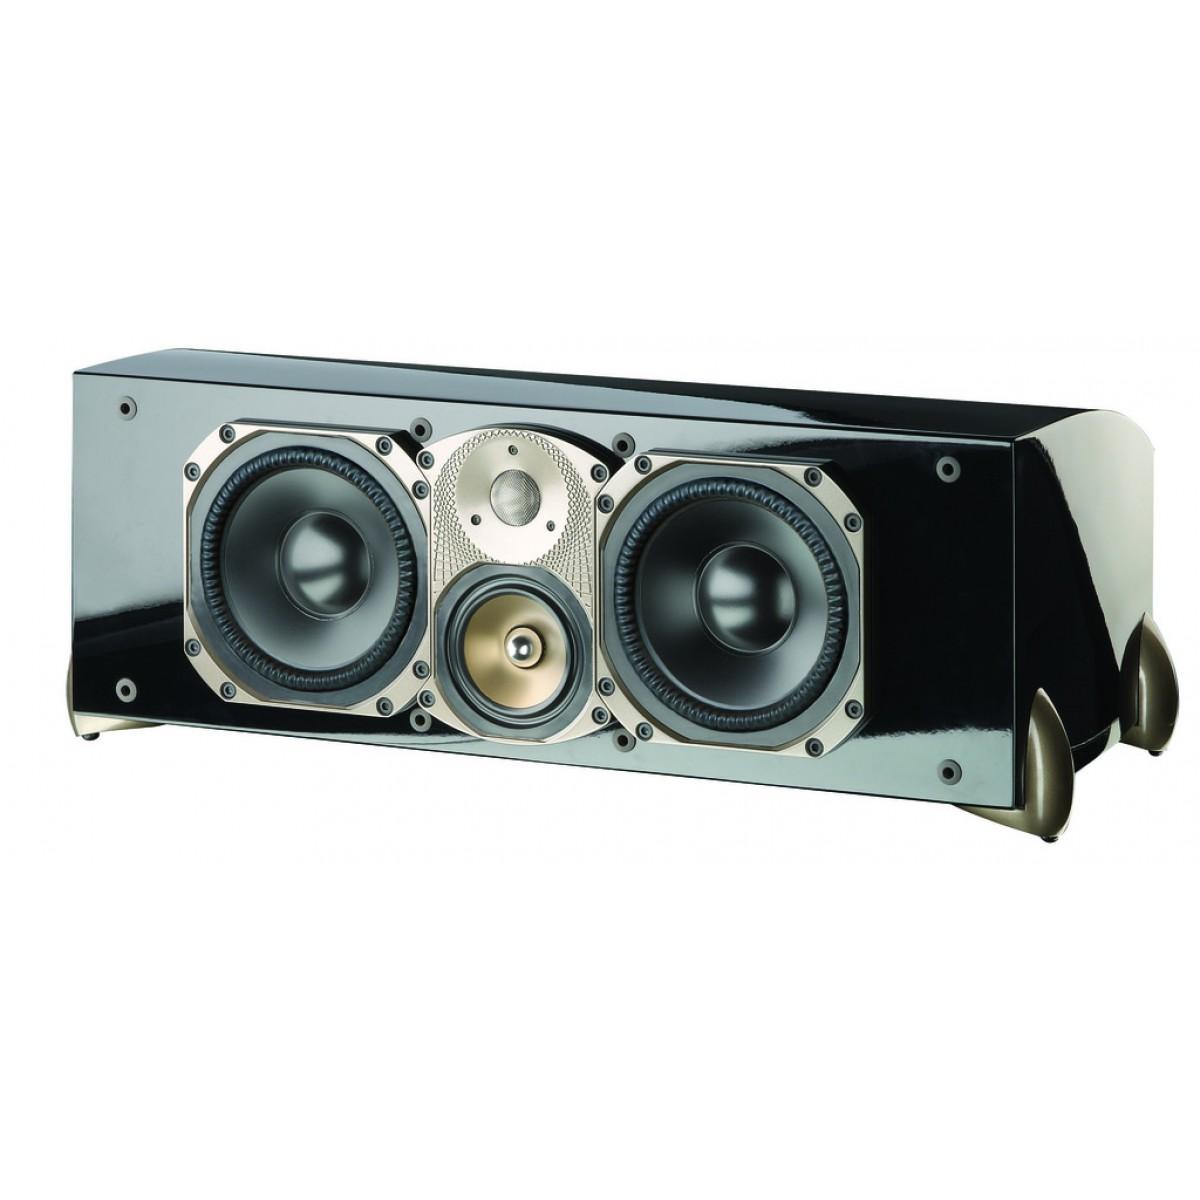 Paradigm Signature C3 (Centre Speaker) - Speakers - Home and